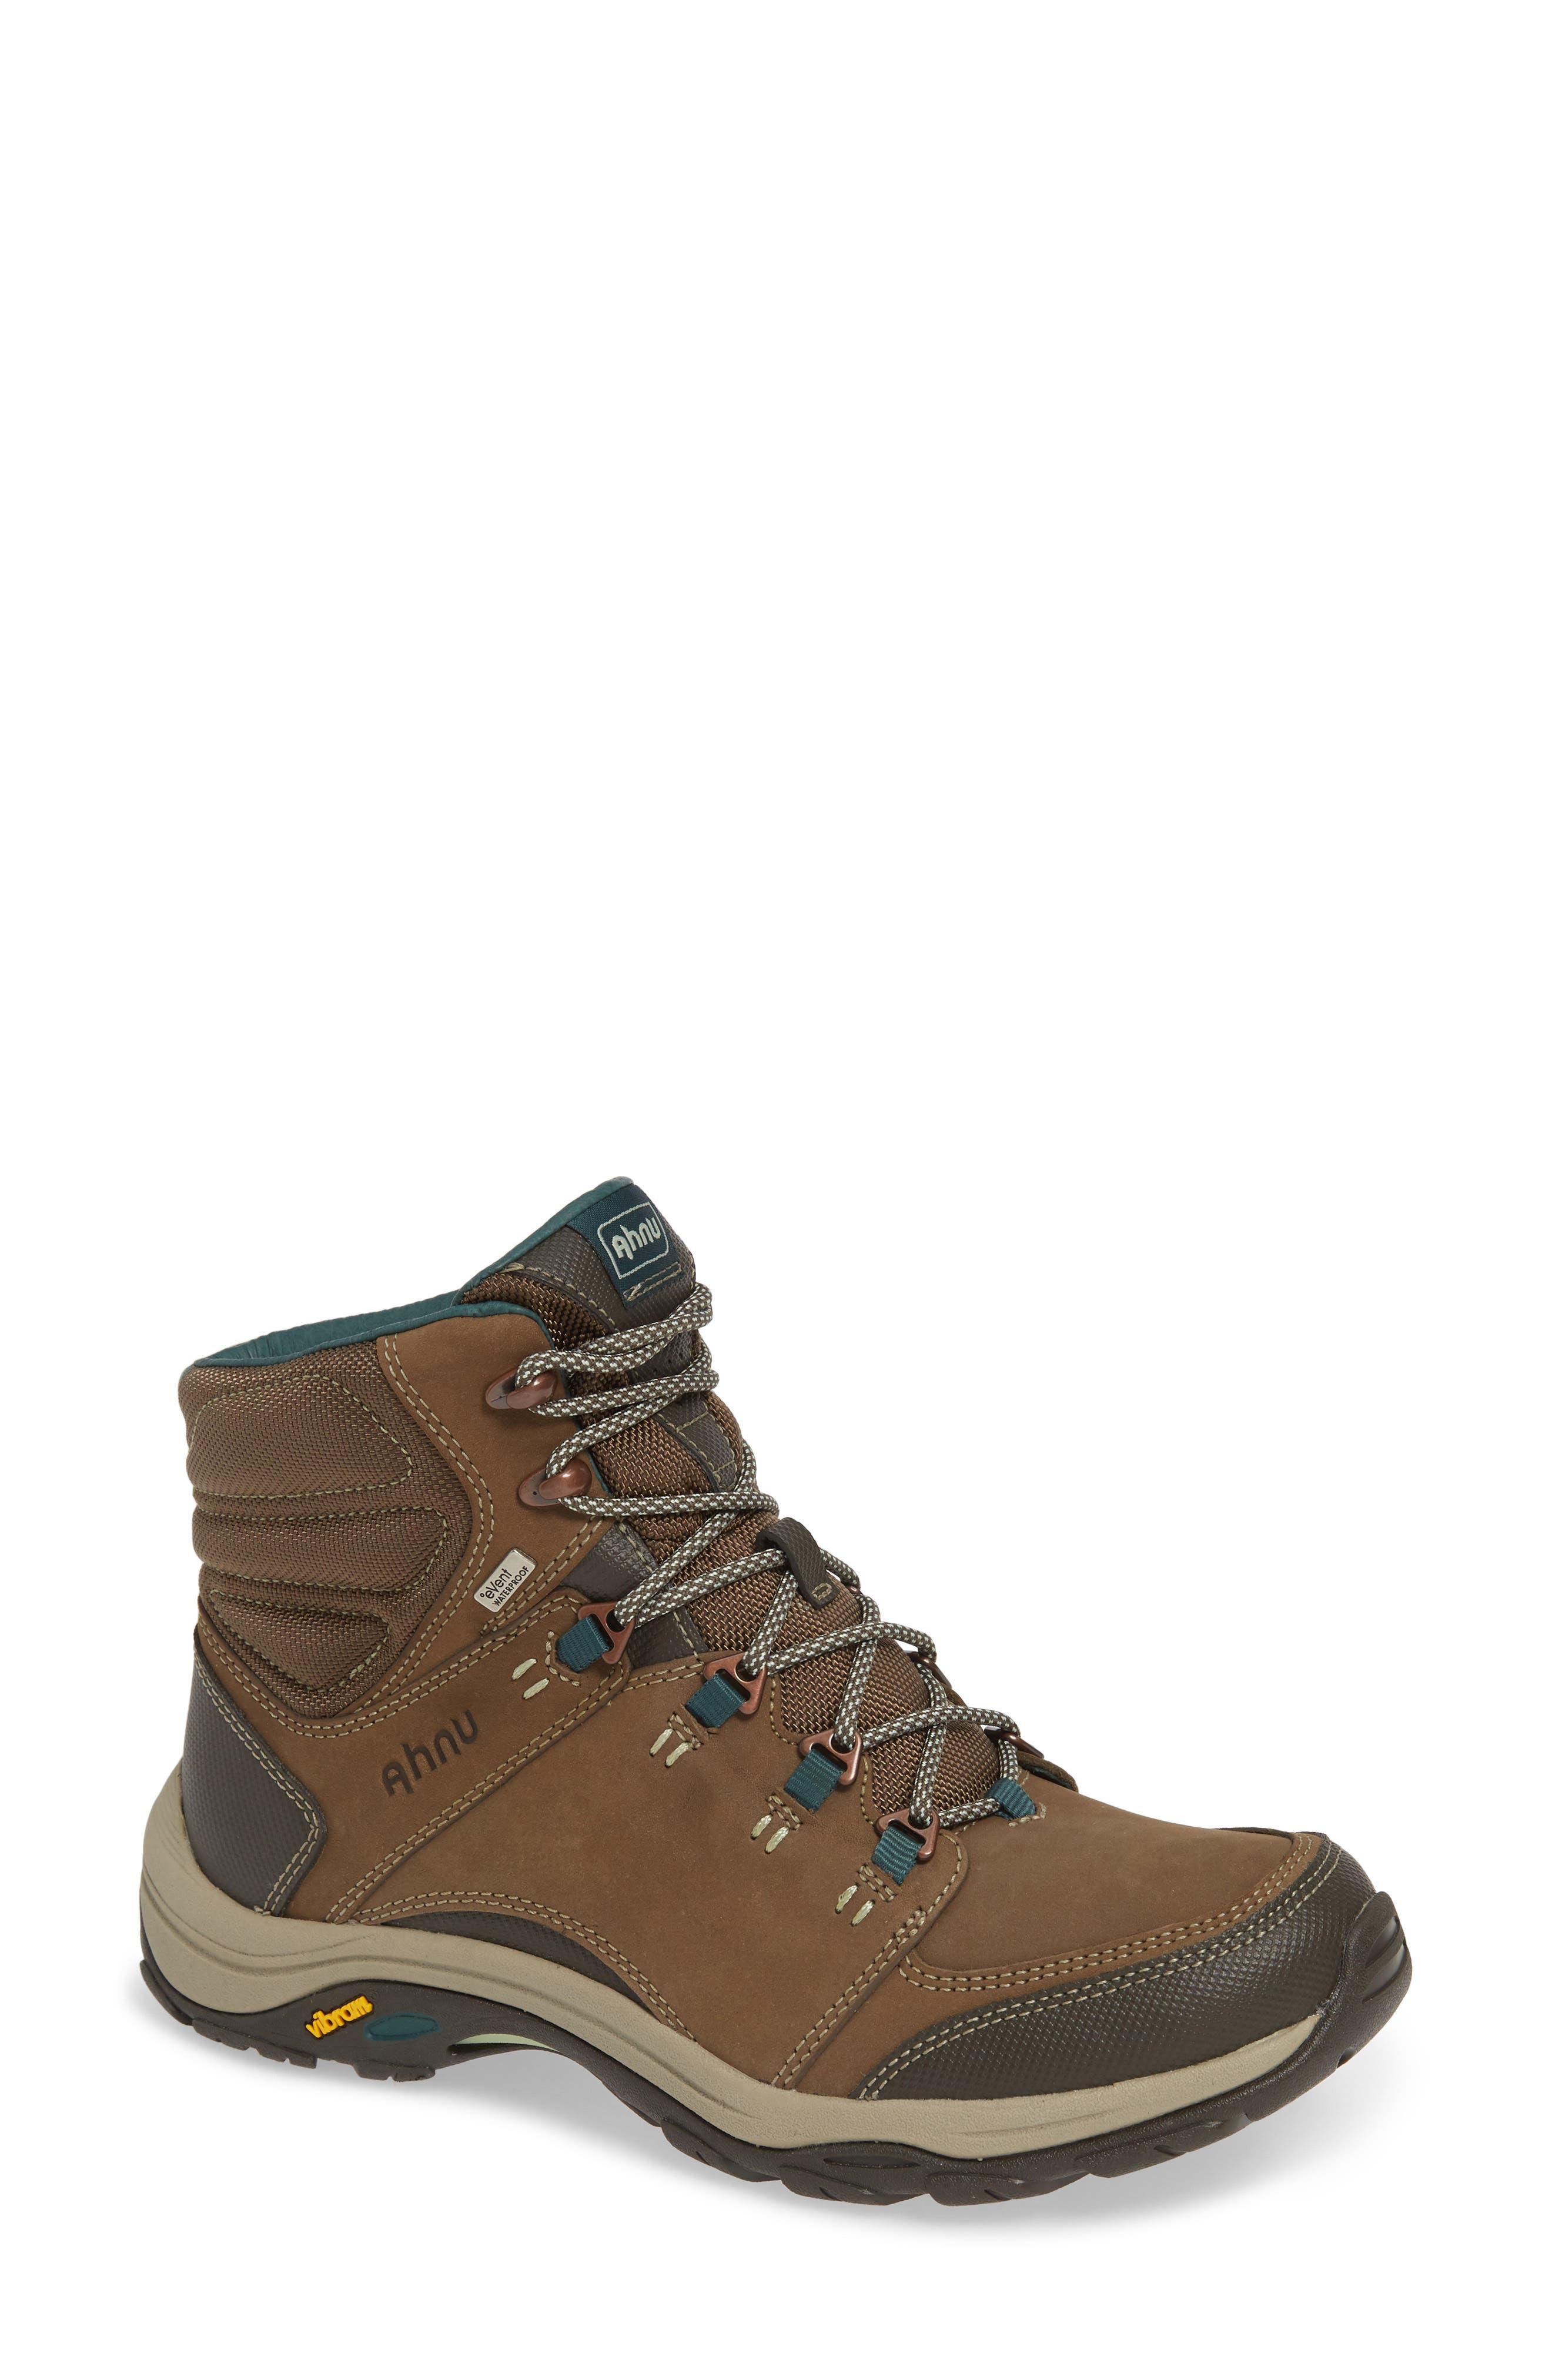 Ahnu By Teva Montara Iii Waterproof Hiking Boot- Brown